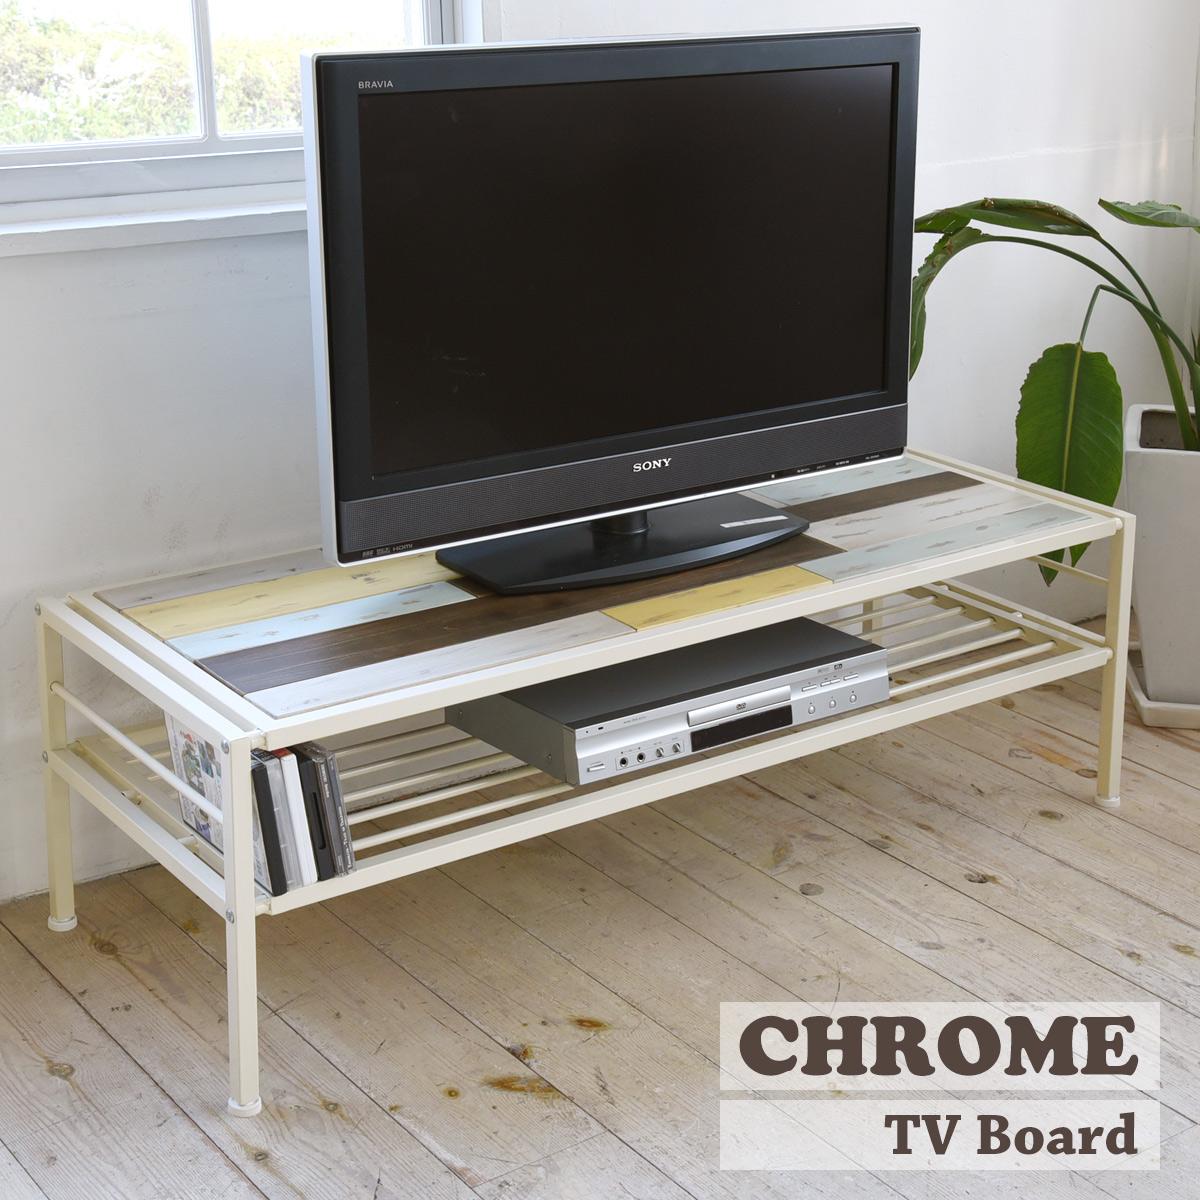 【送料無料】 【メーカー直送・代引不可】CHROME テレビ台